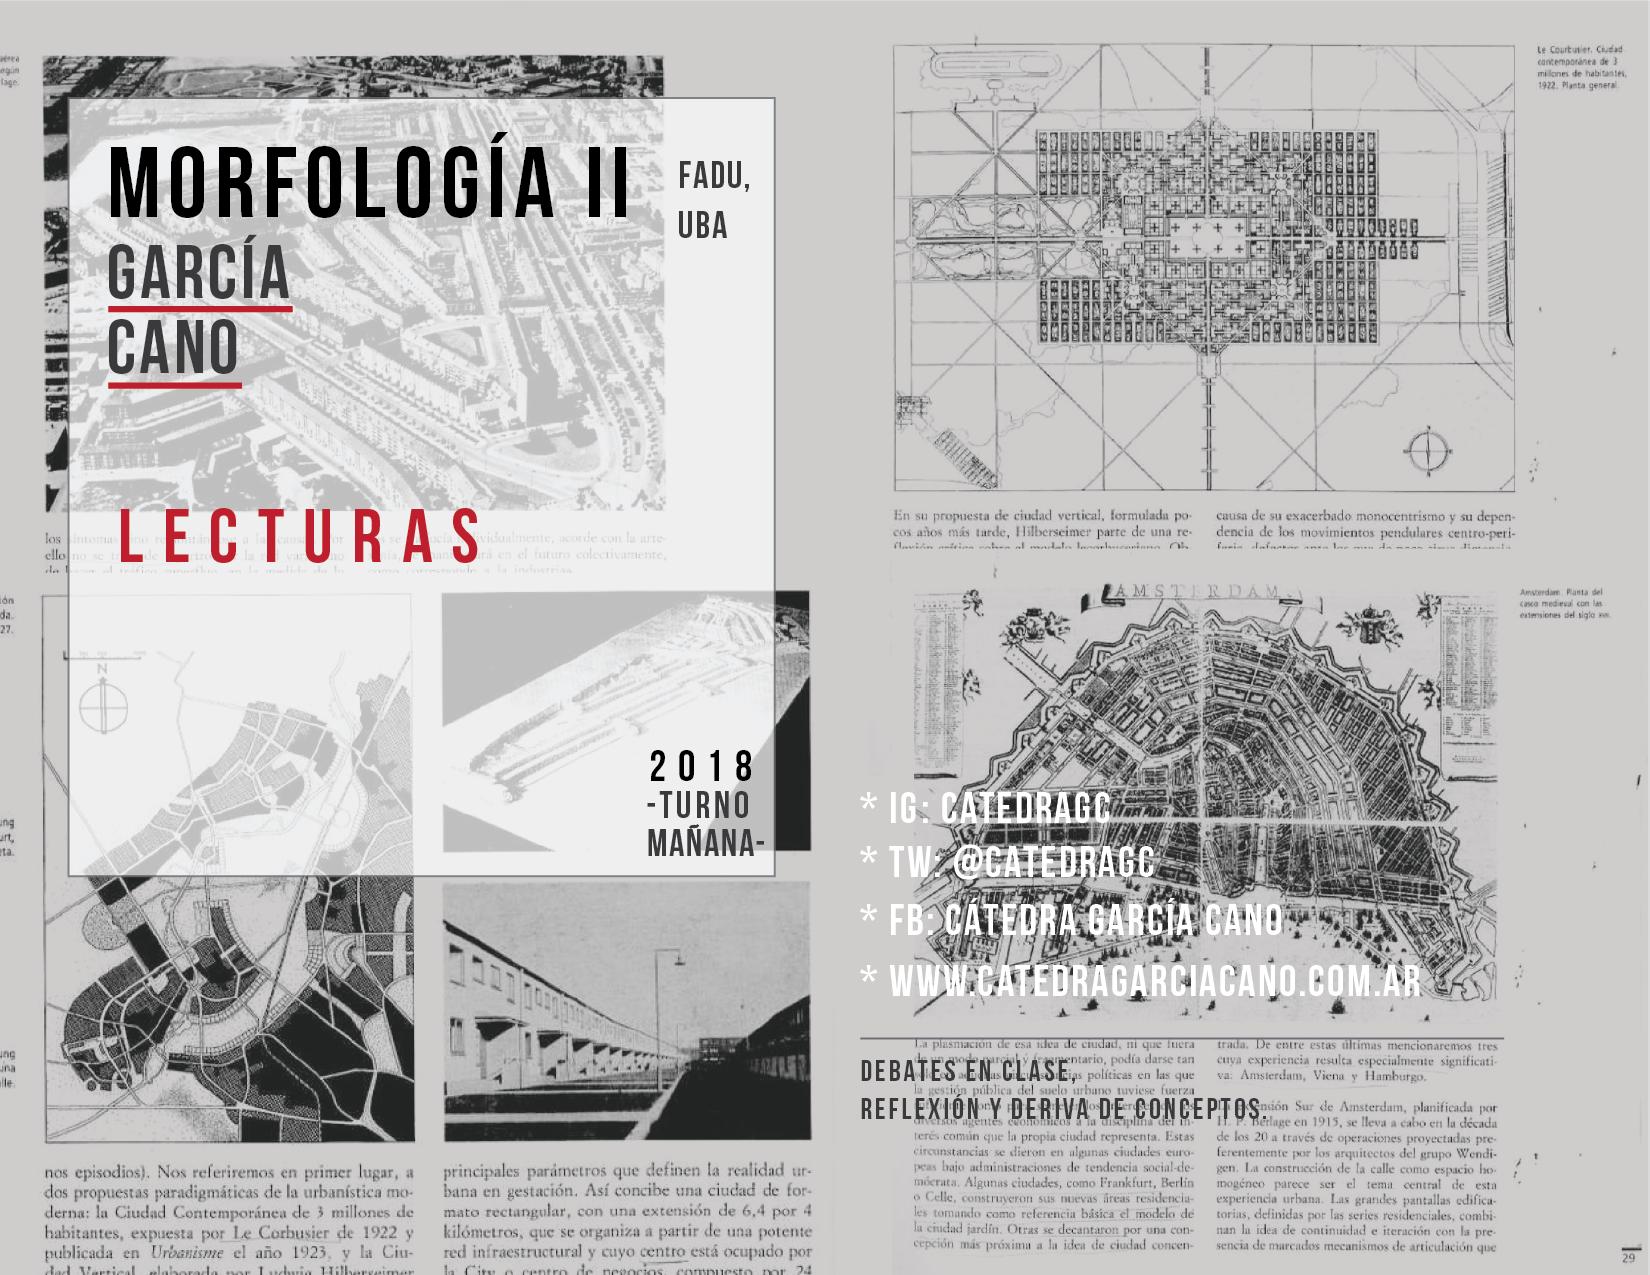 afiche-catedra-18_morfo-2_lecturas-01-06